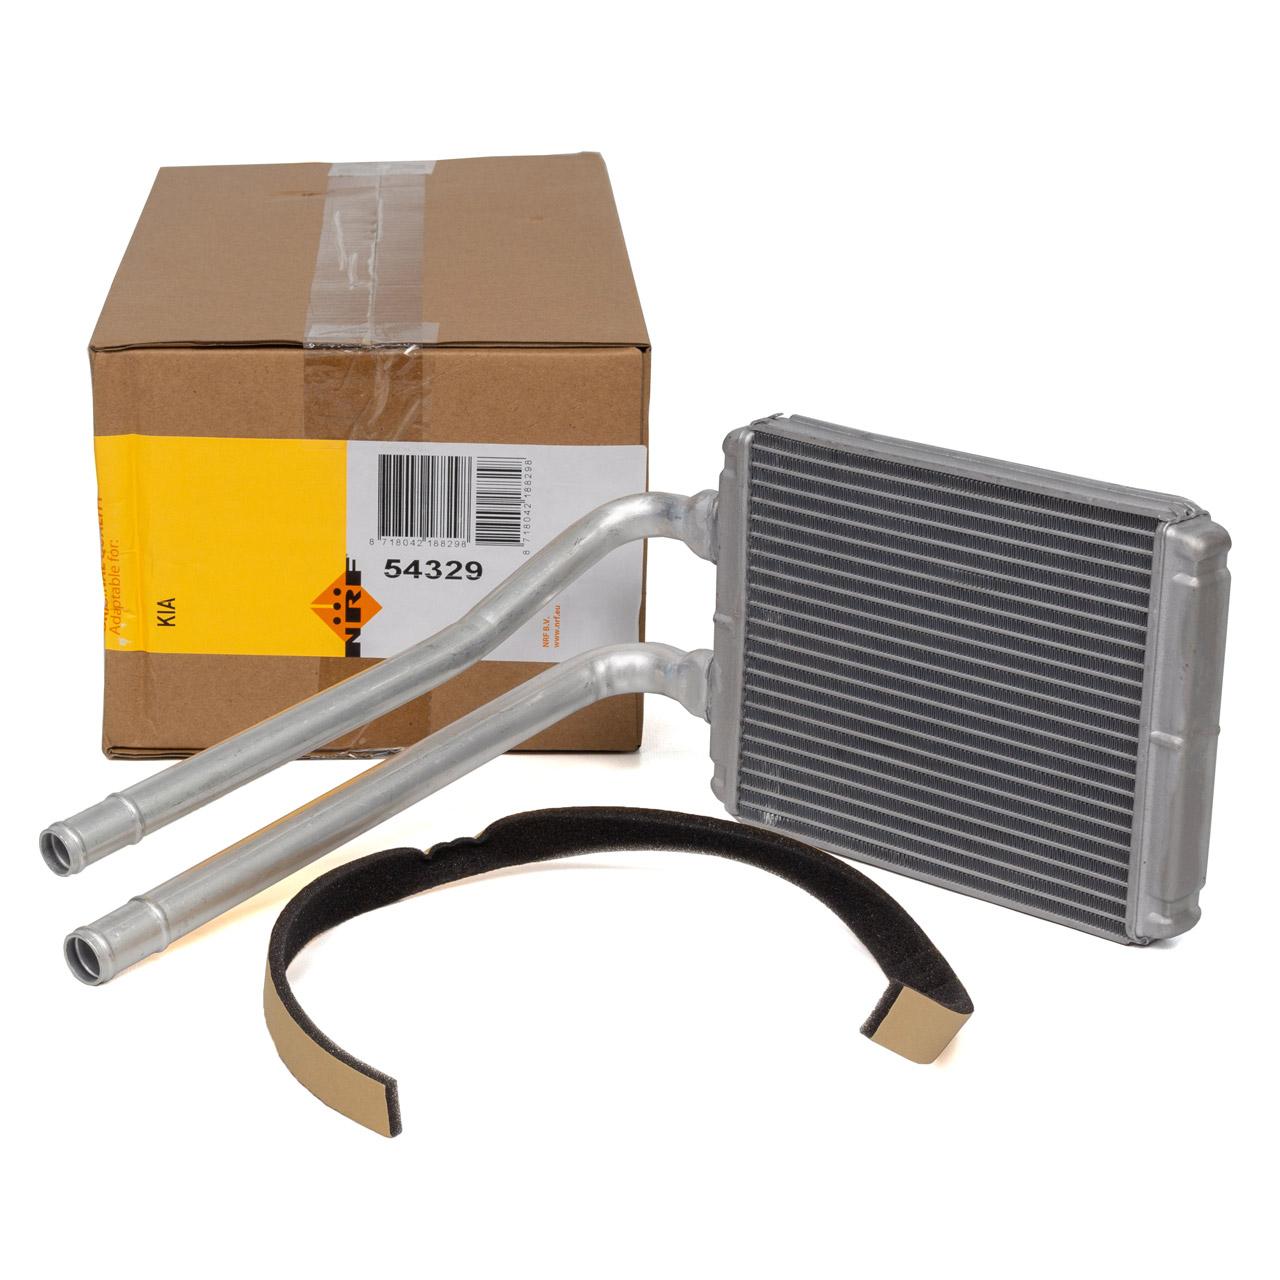 NRF 54329 Wärmetauscher EASYFIT KIA Picanto SA 1.0 1.1 bis Baujahr 08.2007 9713807000